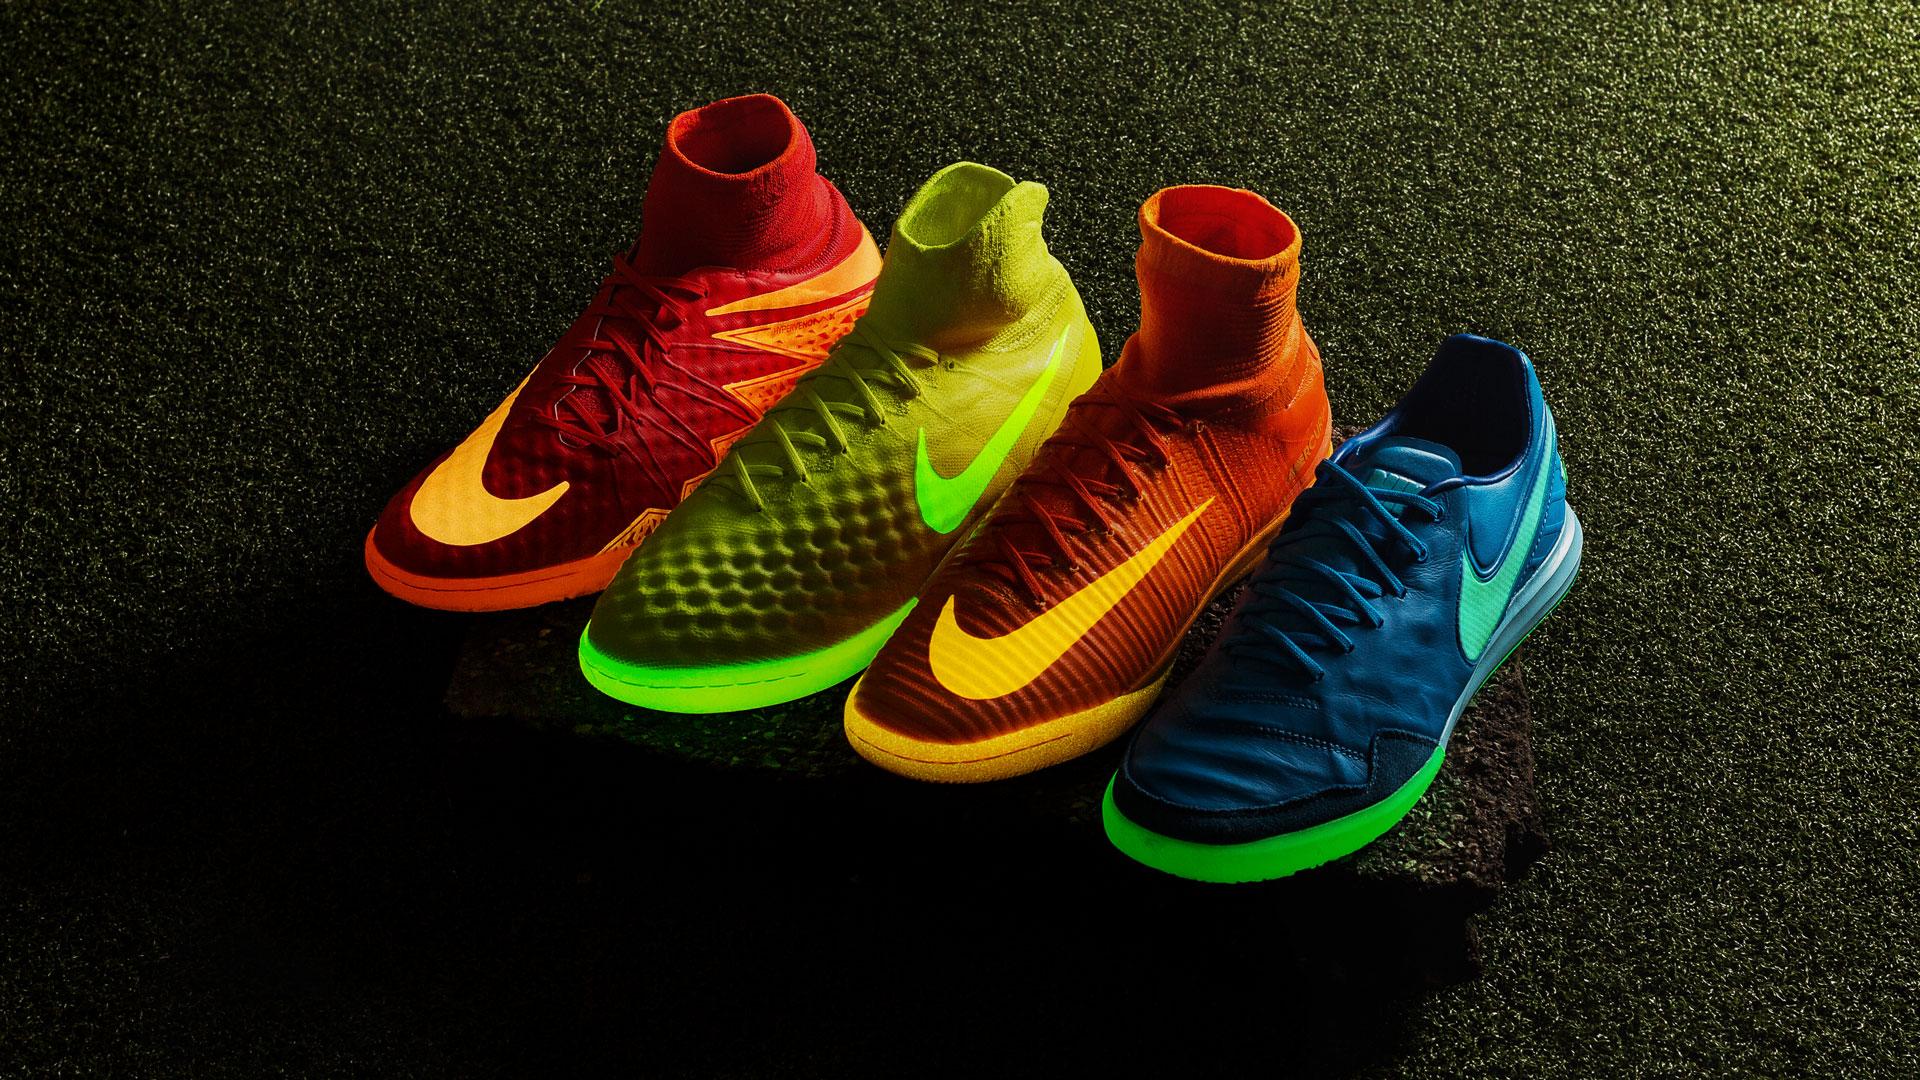 Brillez dans l'obscurité grâce aux chaussures Indoor de Nike |